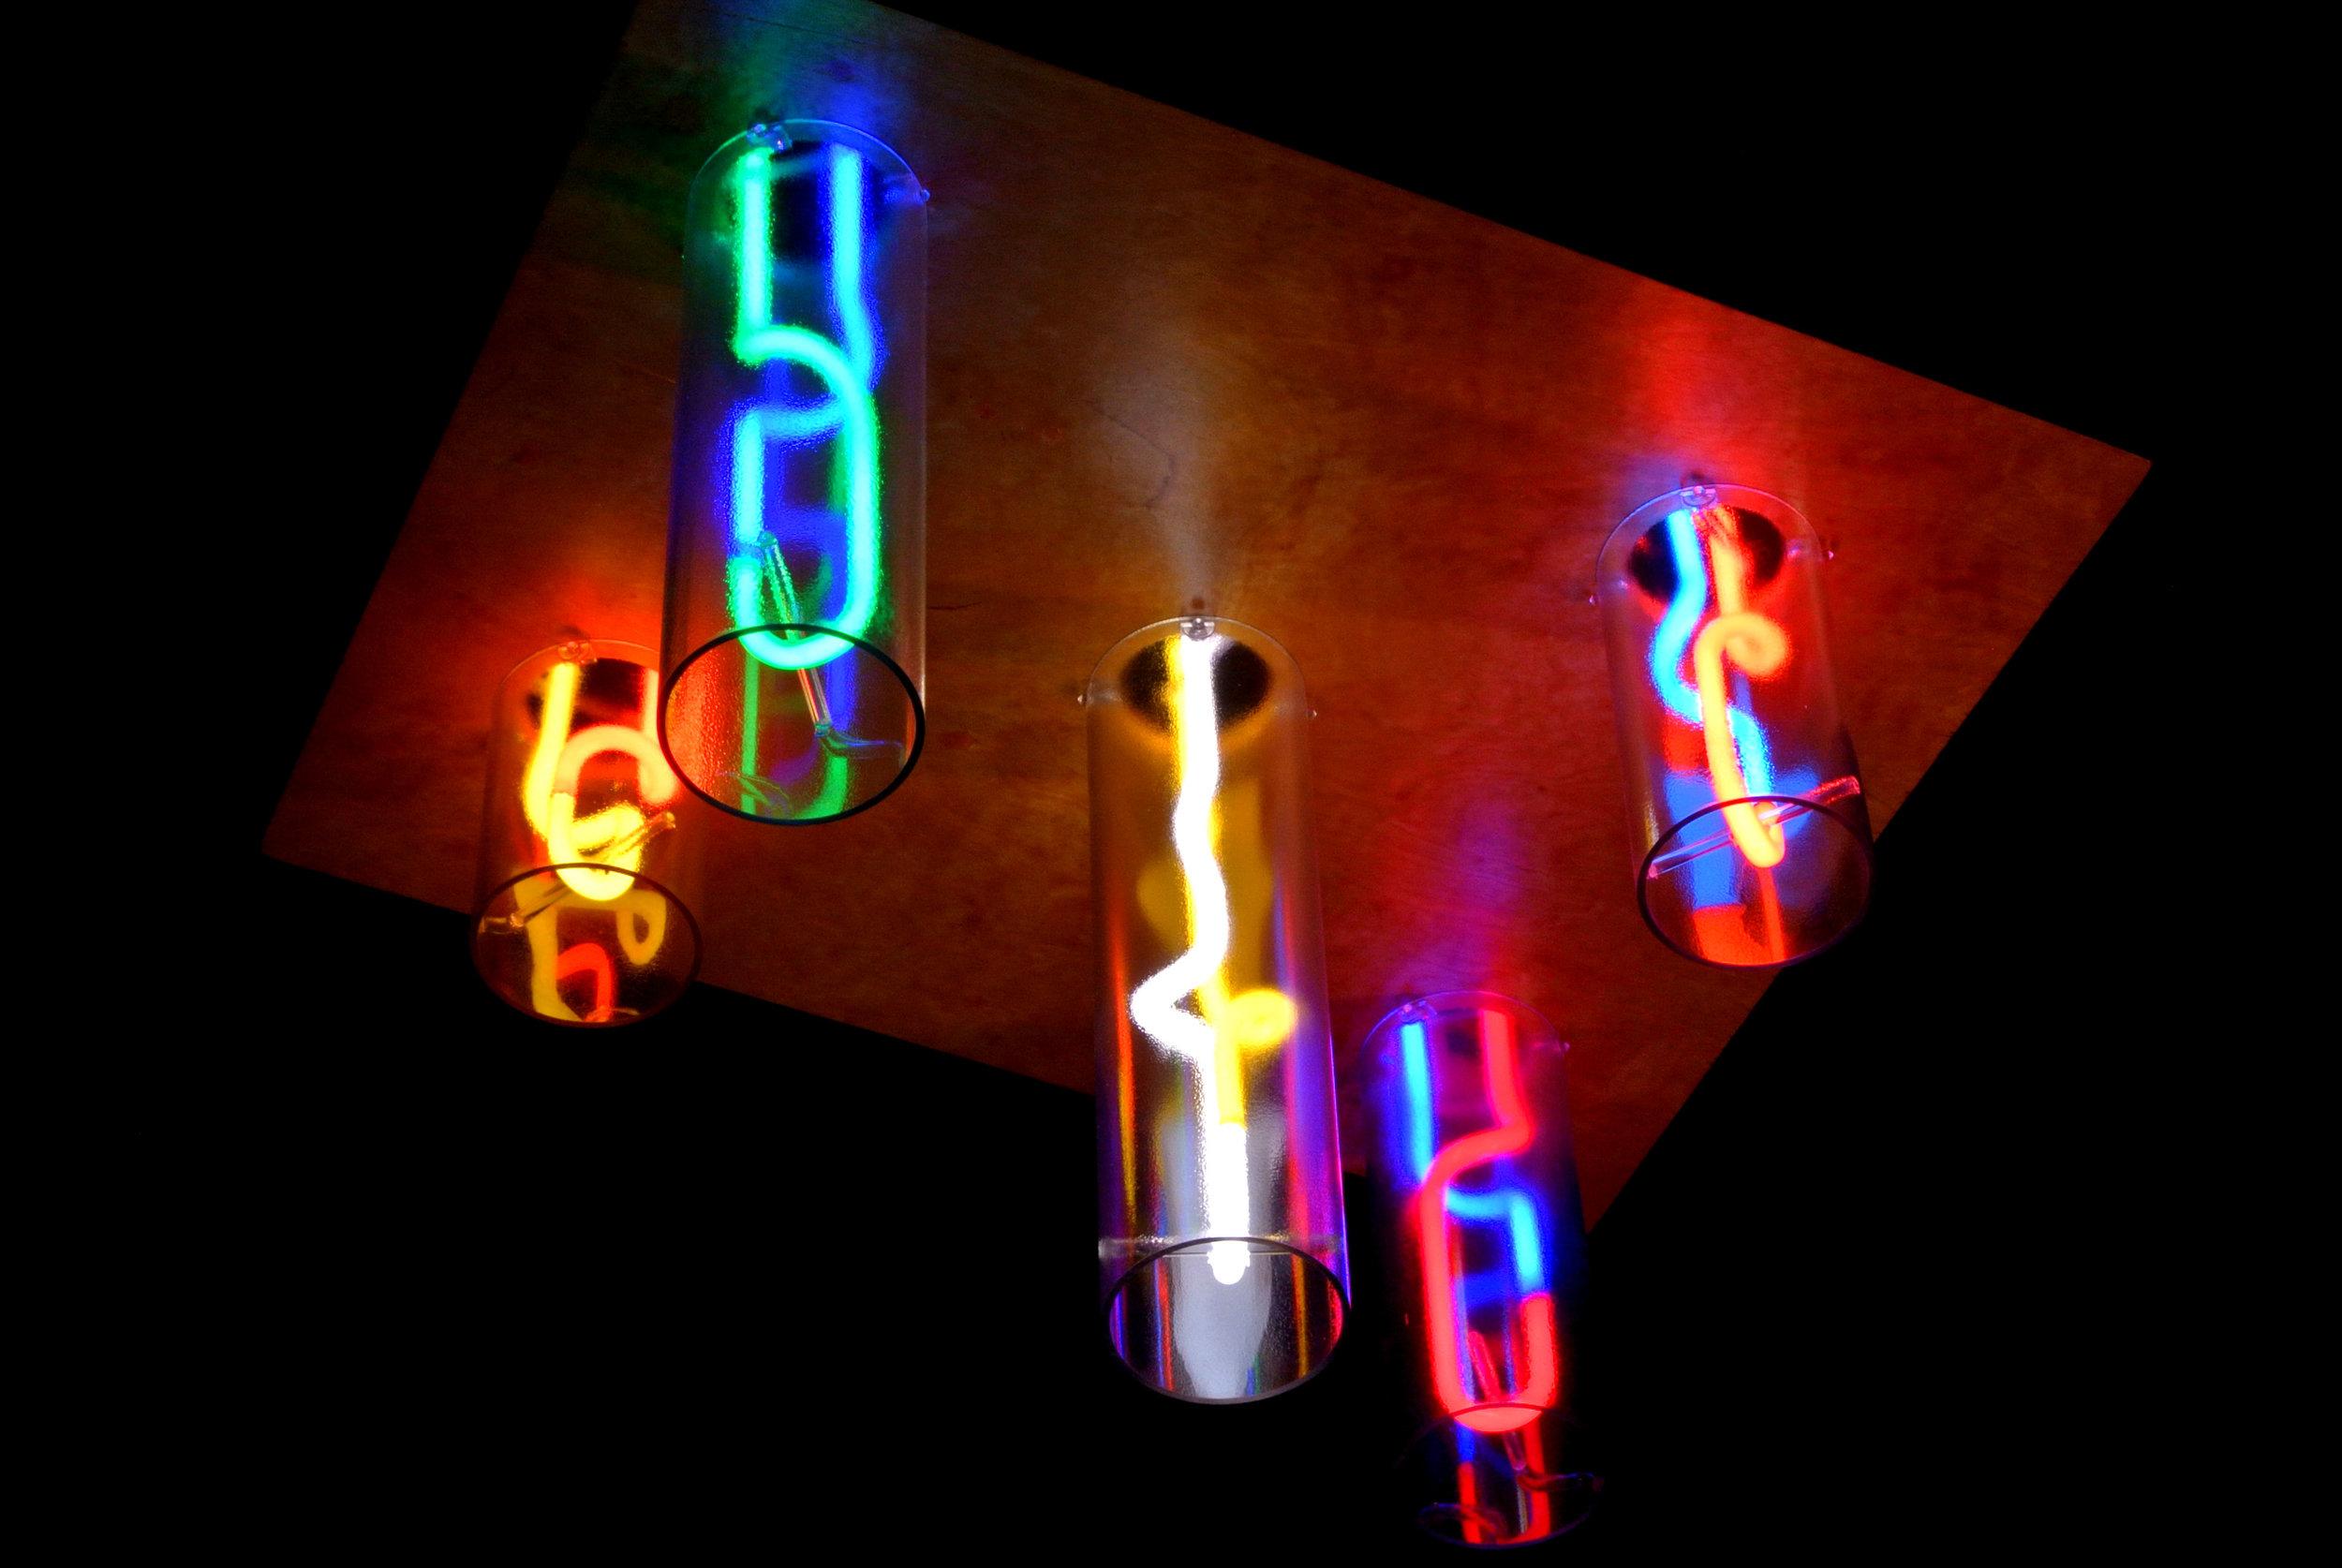 Neon Chandeliers and Neon Light Fixtures by John Barton - BartonNeonMagic.com